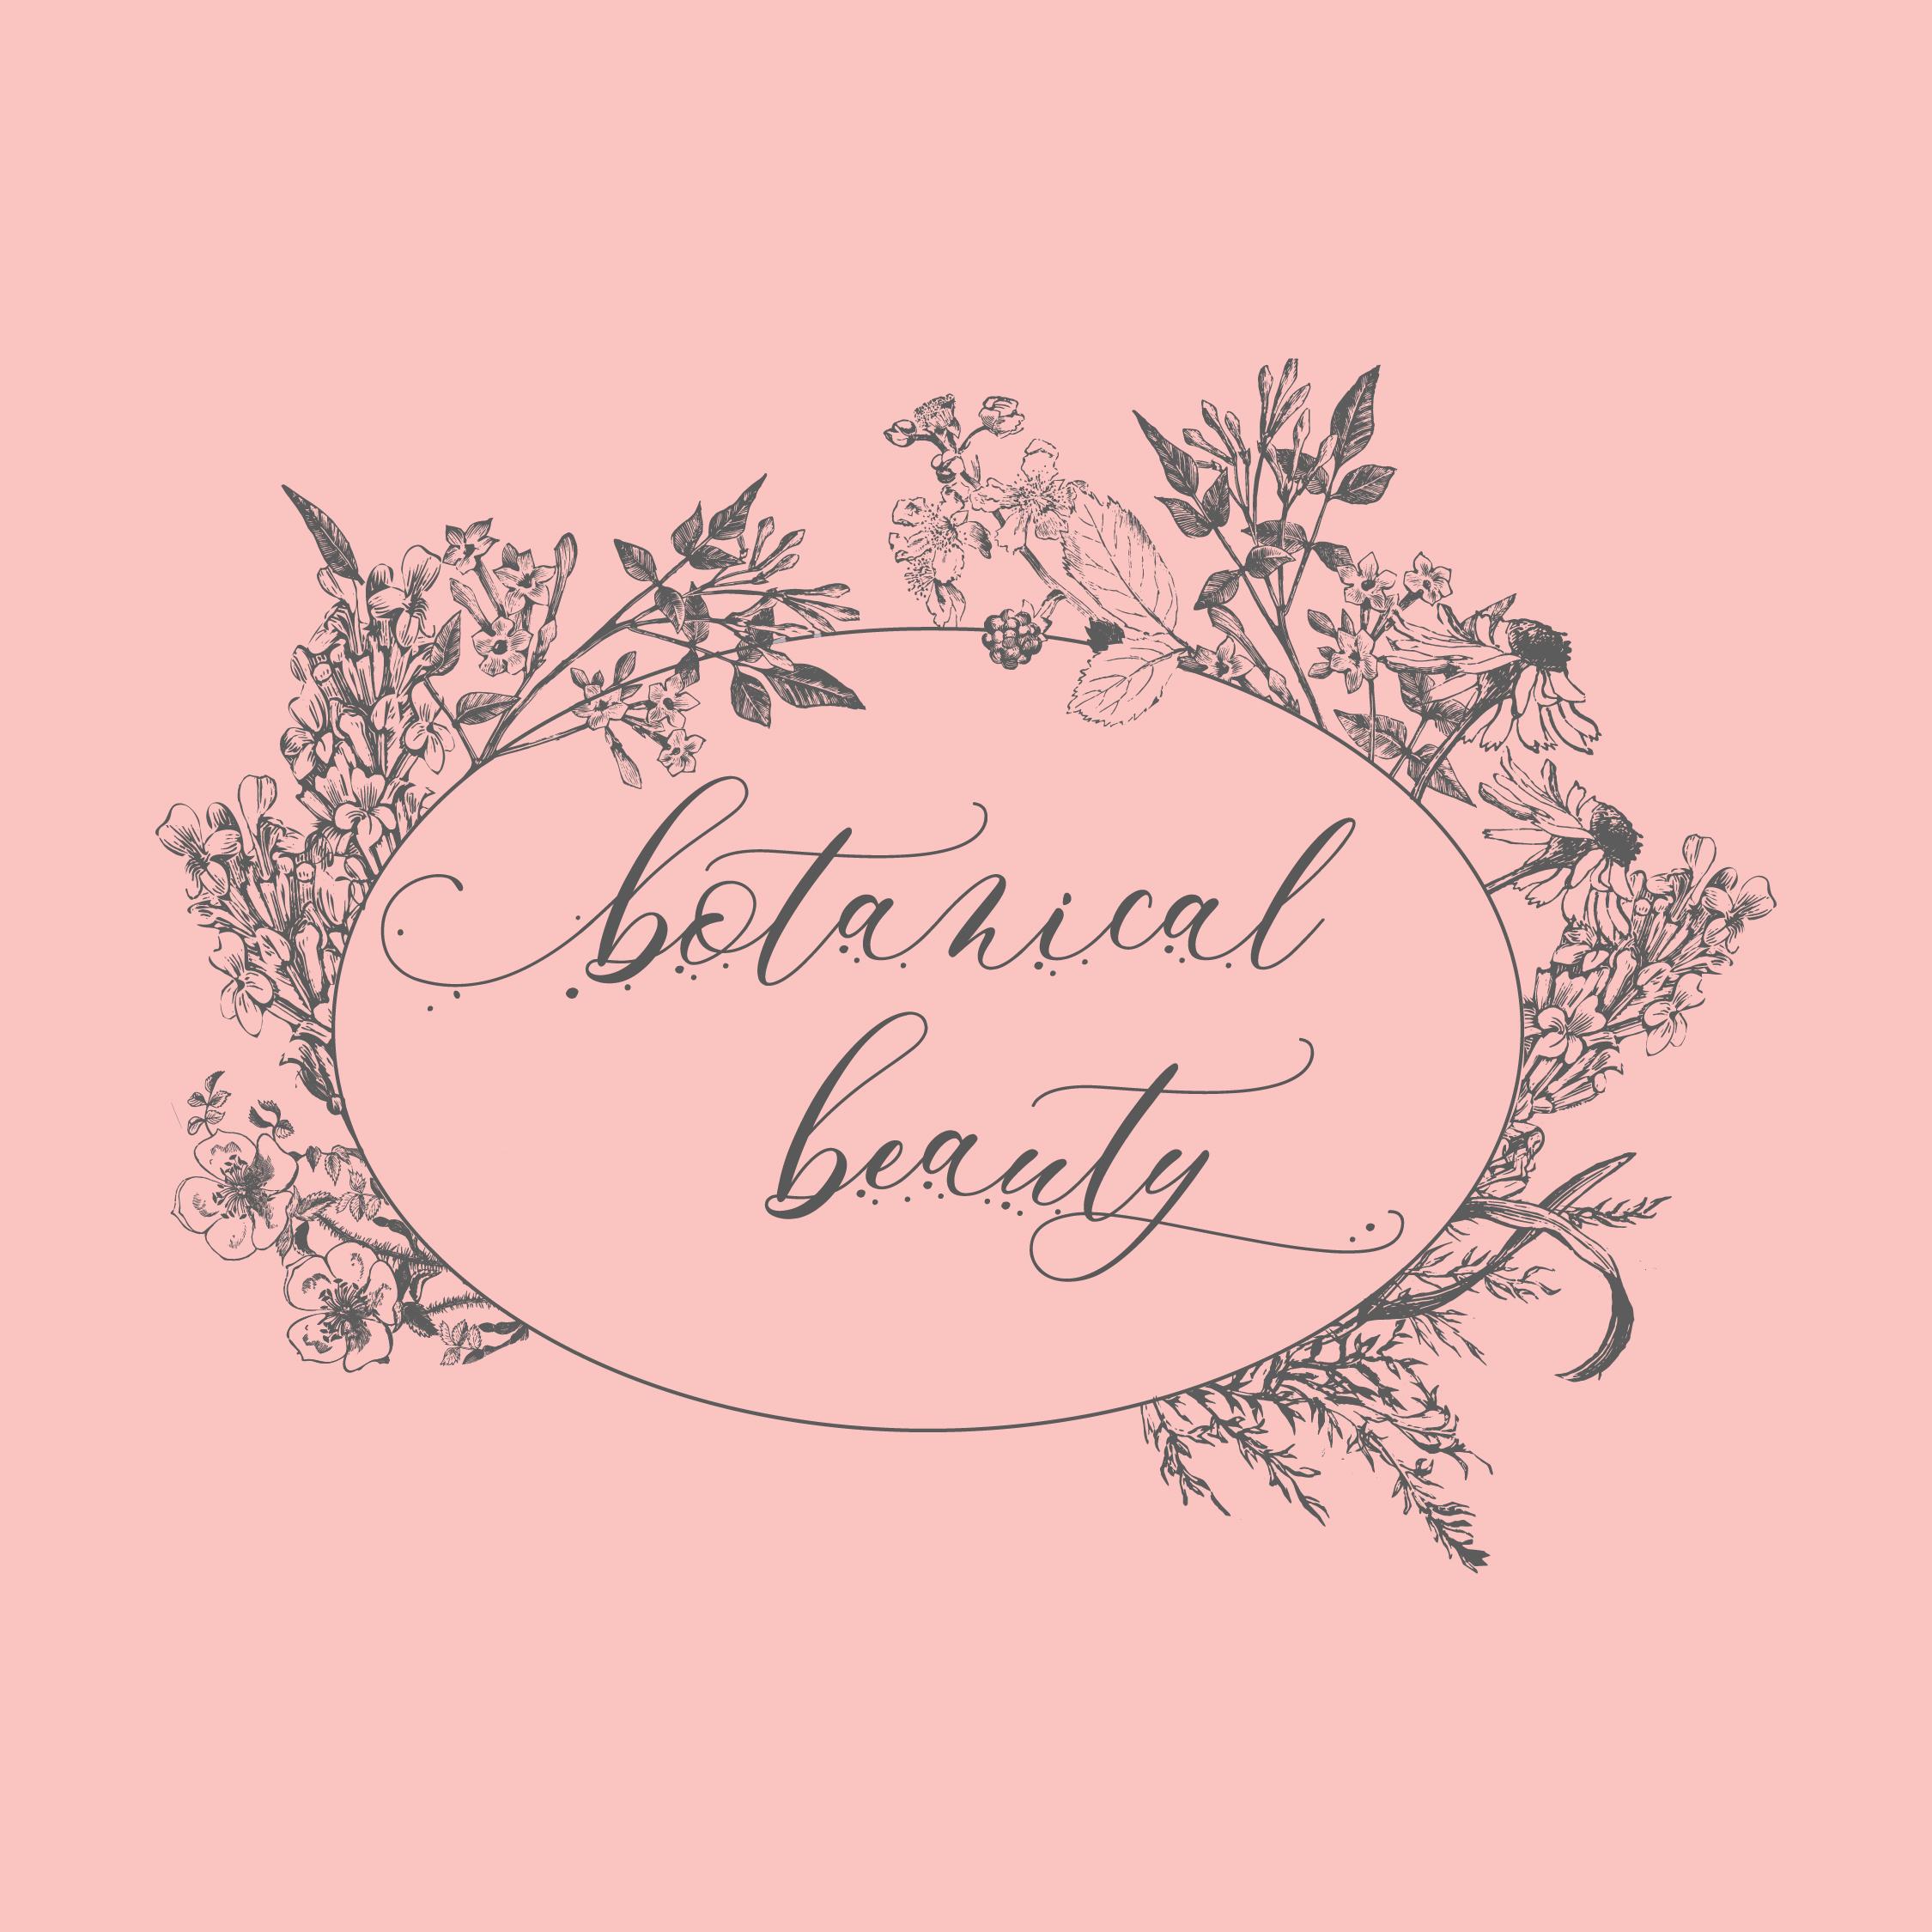 BotanicalBeautyLogoDesign-01.jpg